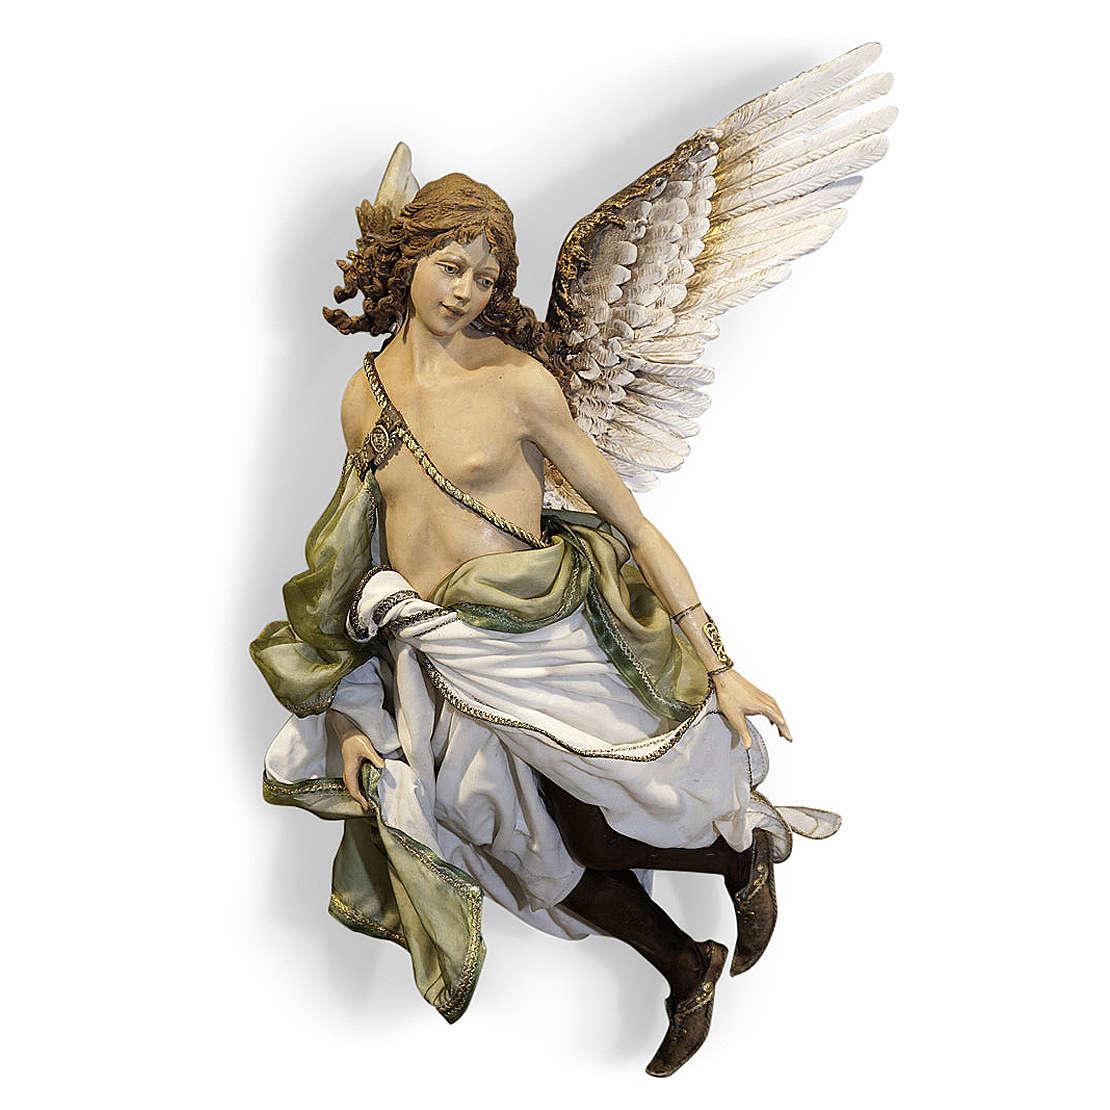 Anioł 50 cm Angela Tripi terakota 4